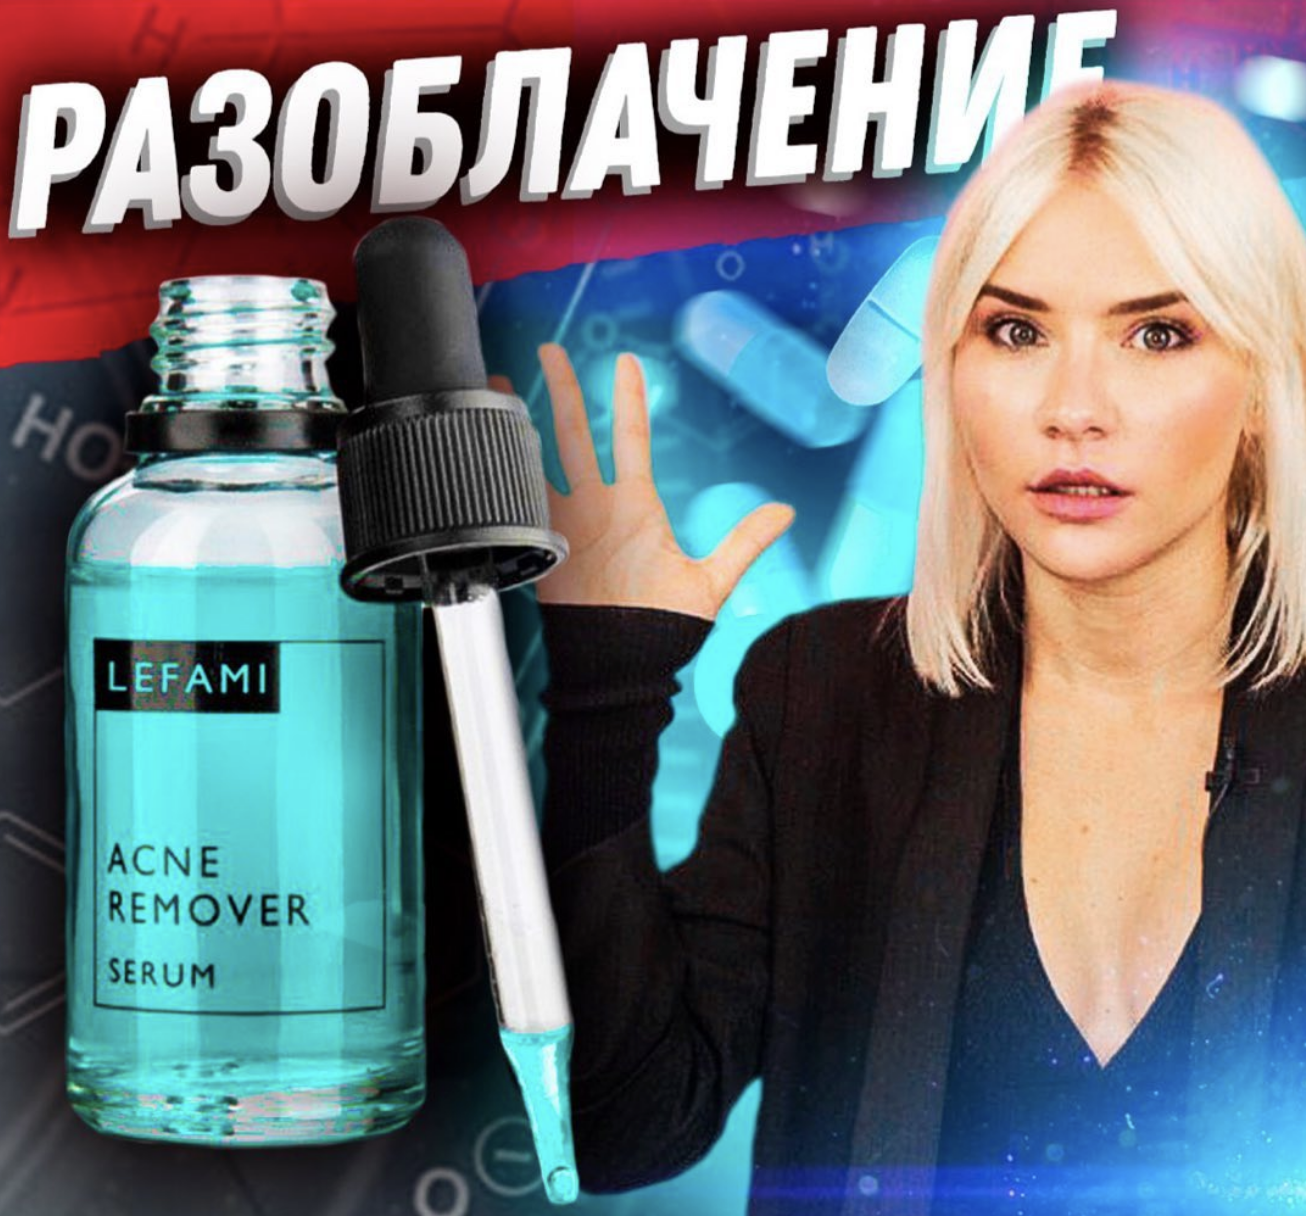 Блогер против блогеров и косметических дельцов Фото © Instagram/katyakonasova